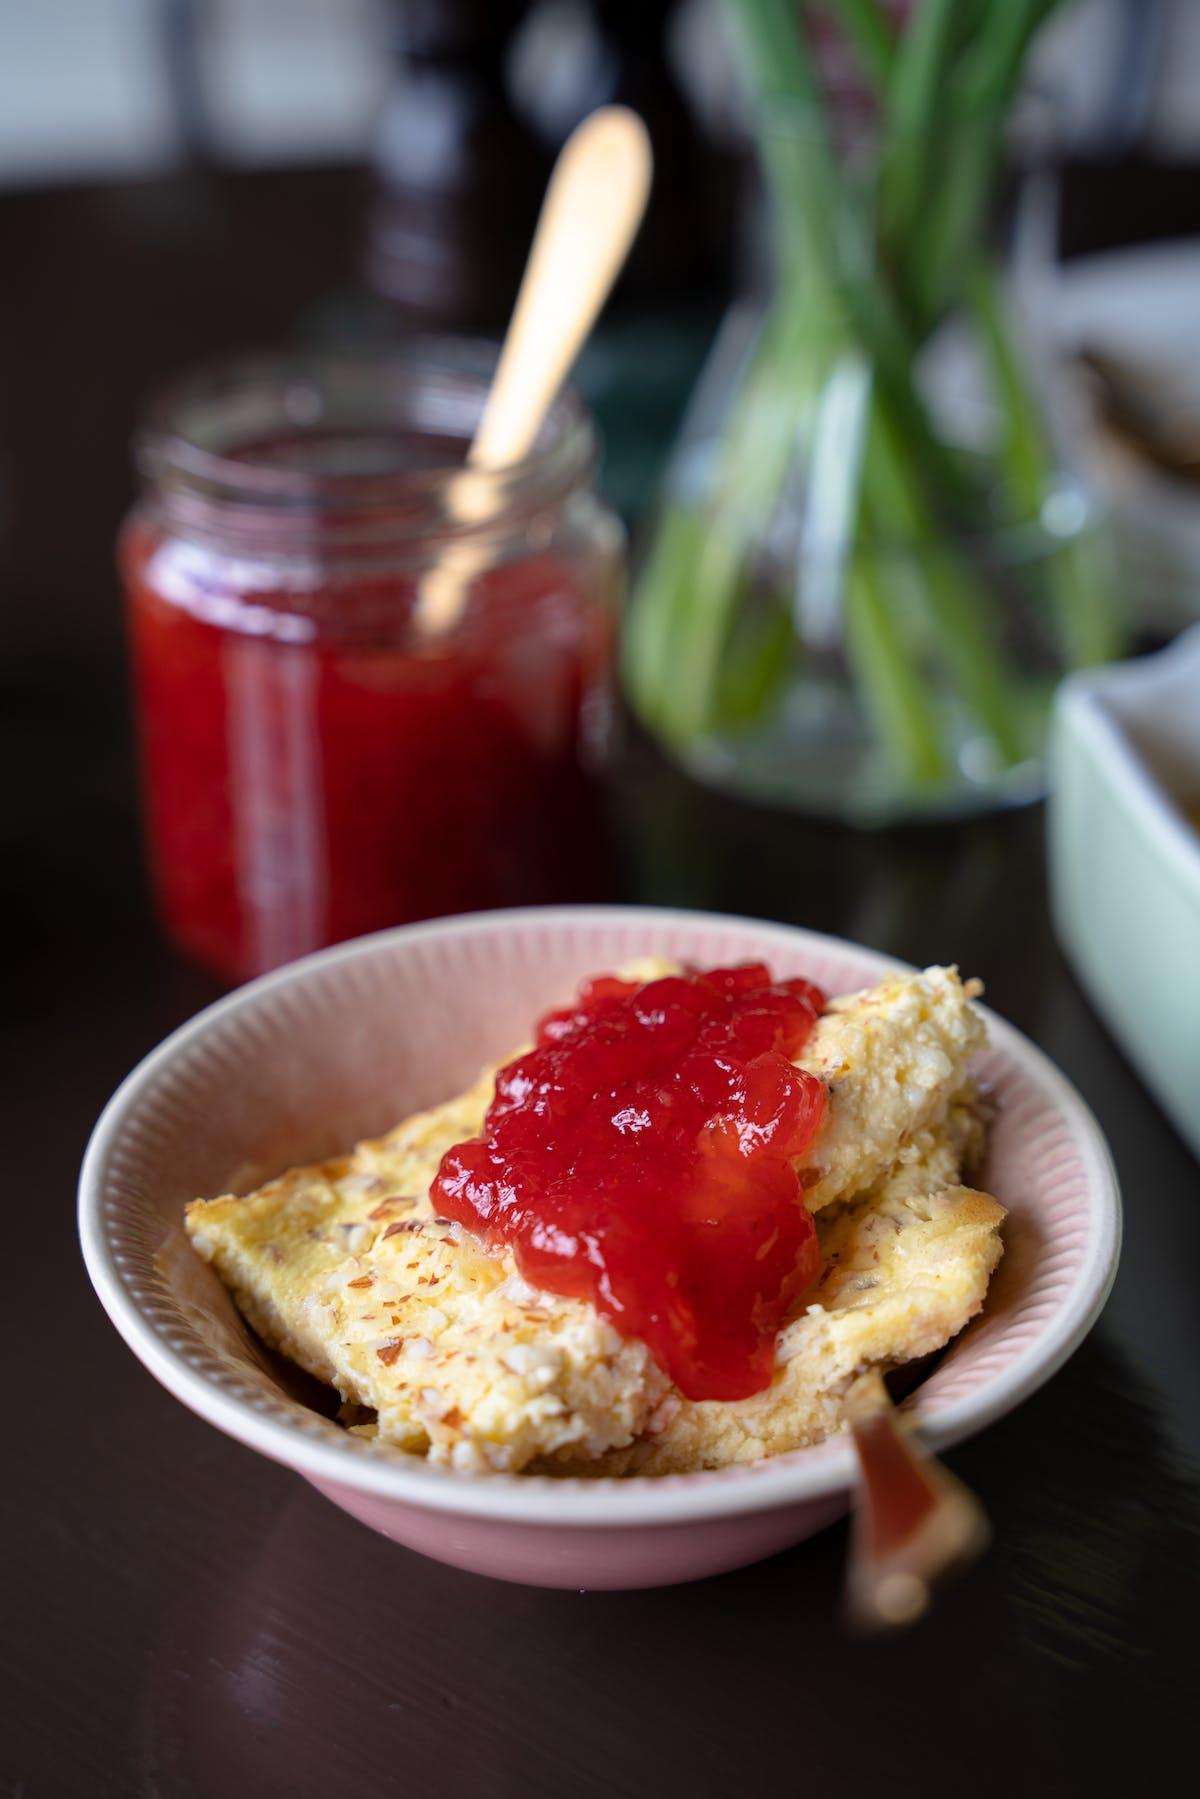 LCHF-ostkaka med sockerfri jordgubbssylt